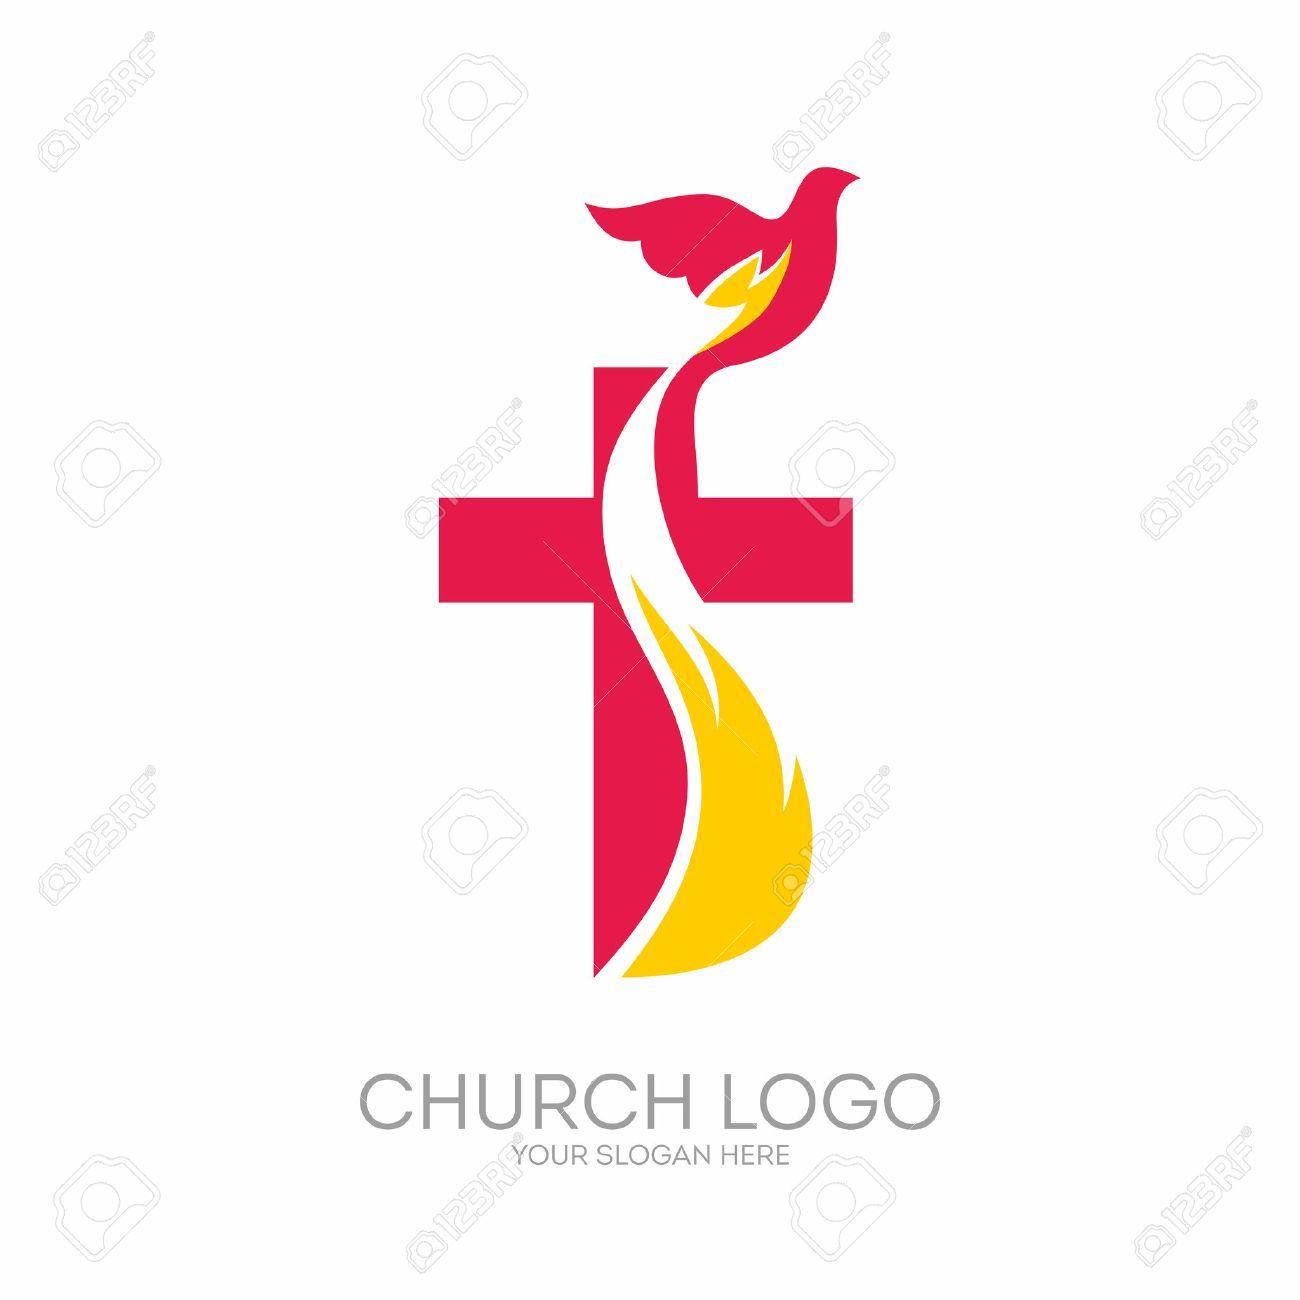 Stock Vector Logotipo de la iglesia, Logos de iglesias y